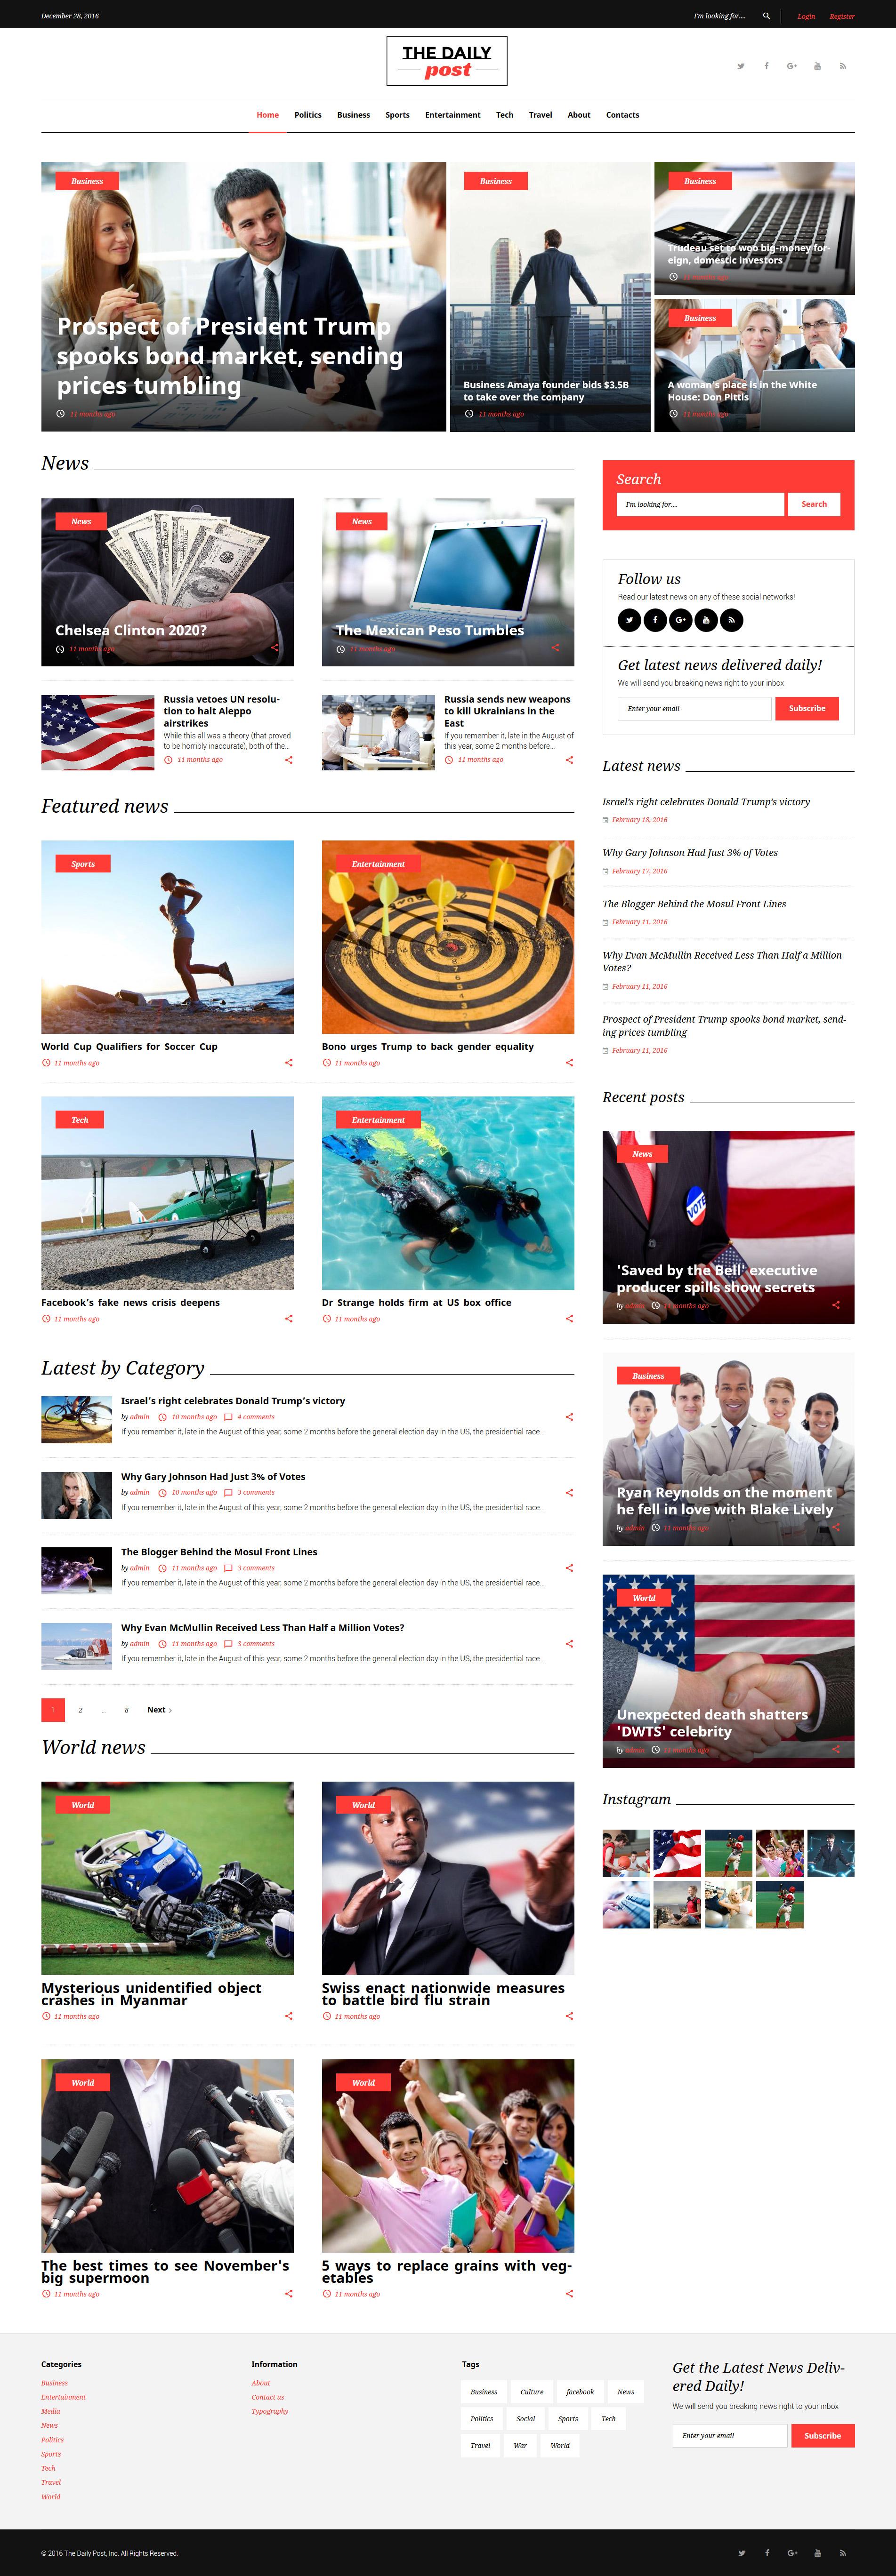 Responsywny motyw WordPress The Daily Post - Media & Latest News #62121 - zrzut ekranu